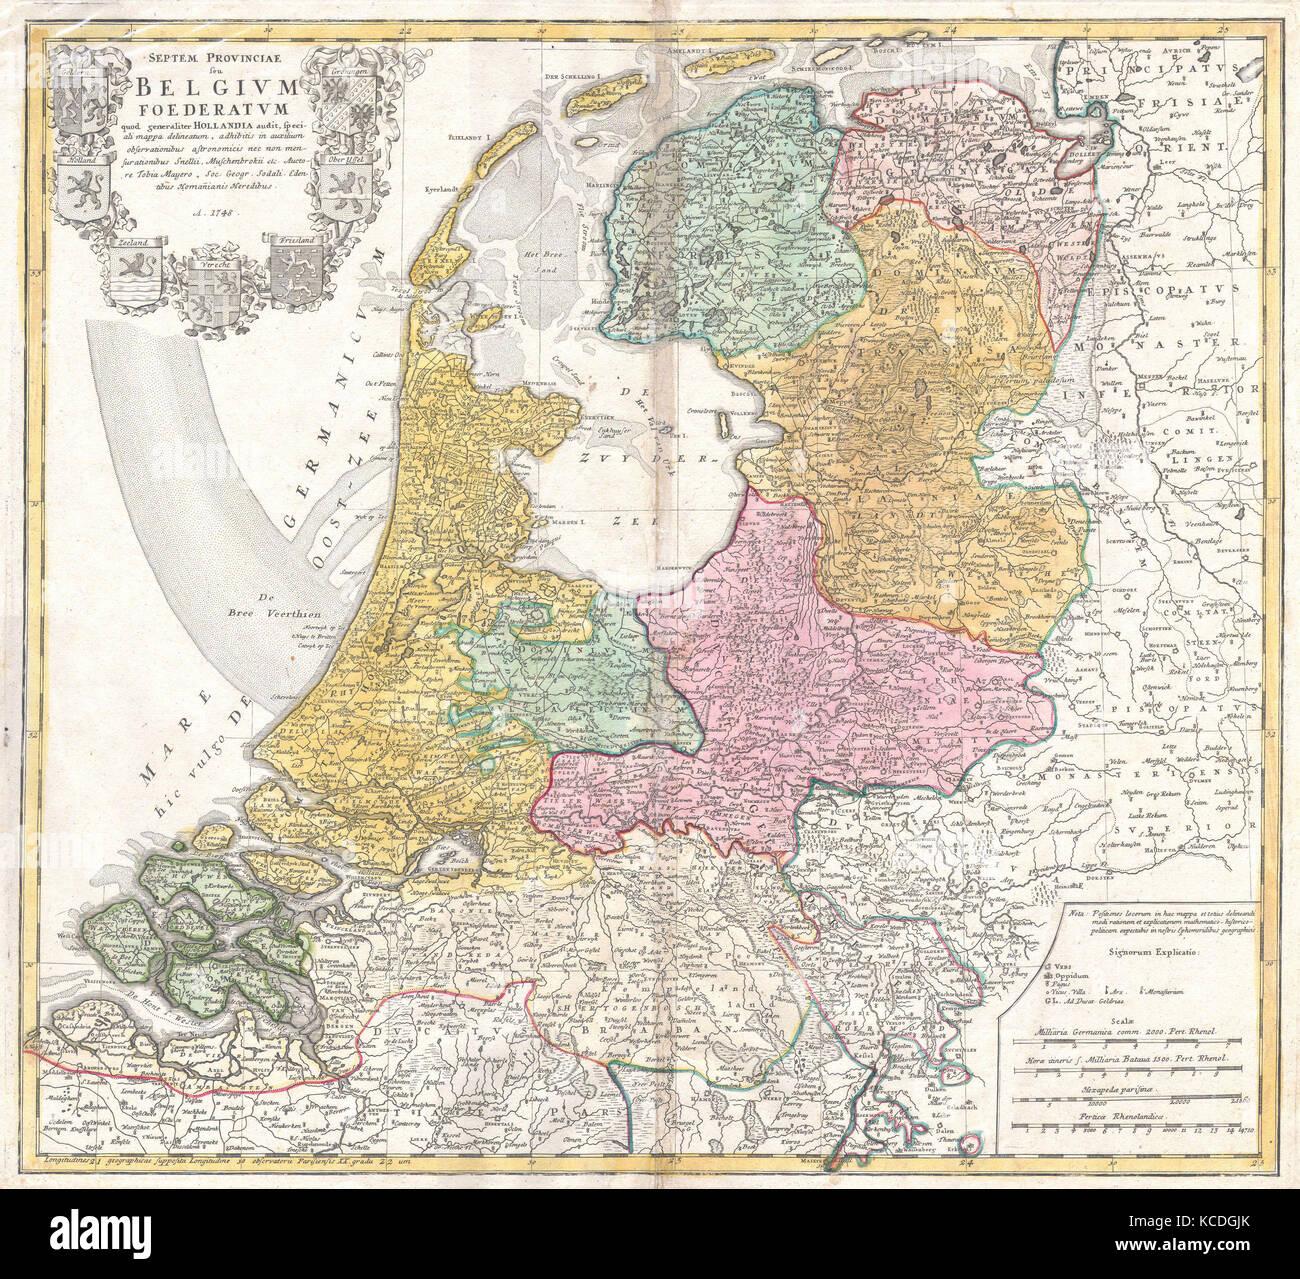 1748 Homann Heirs Map of Holland Netherlands